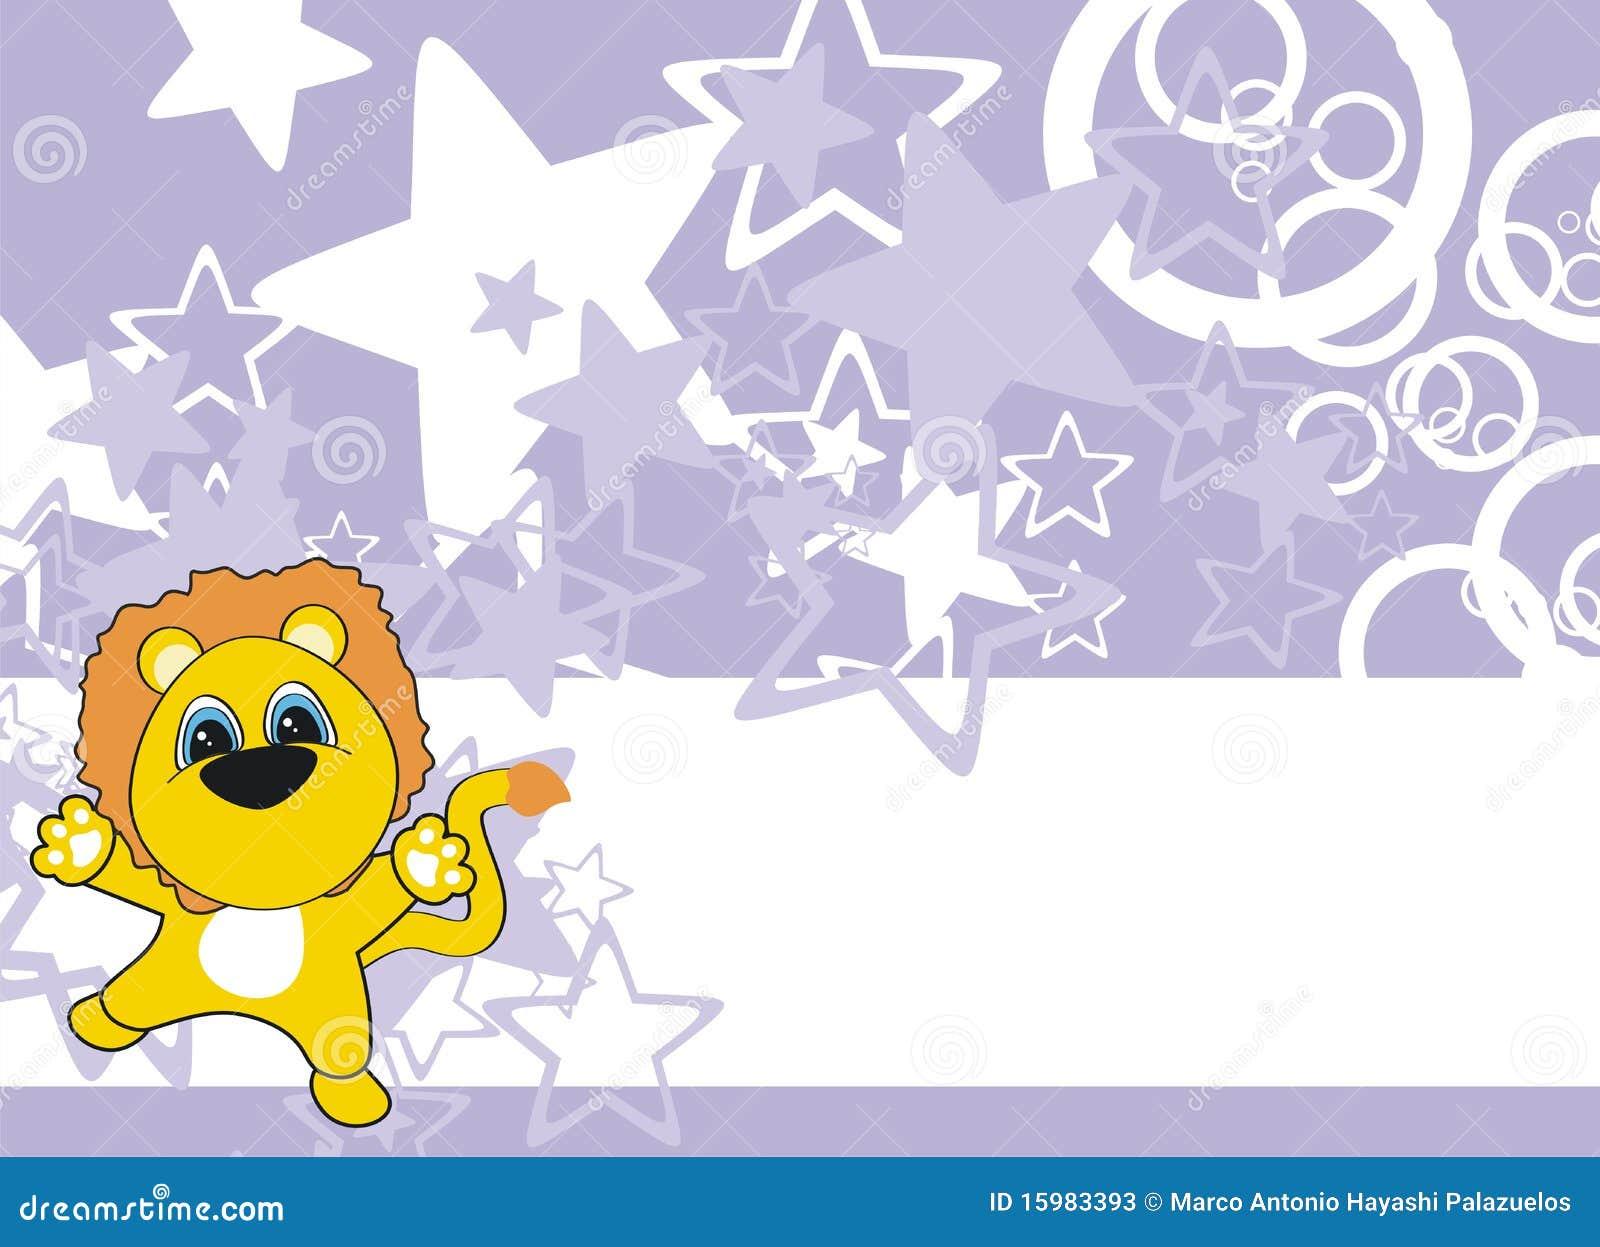 Lwa dziecka kreskówki tło